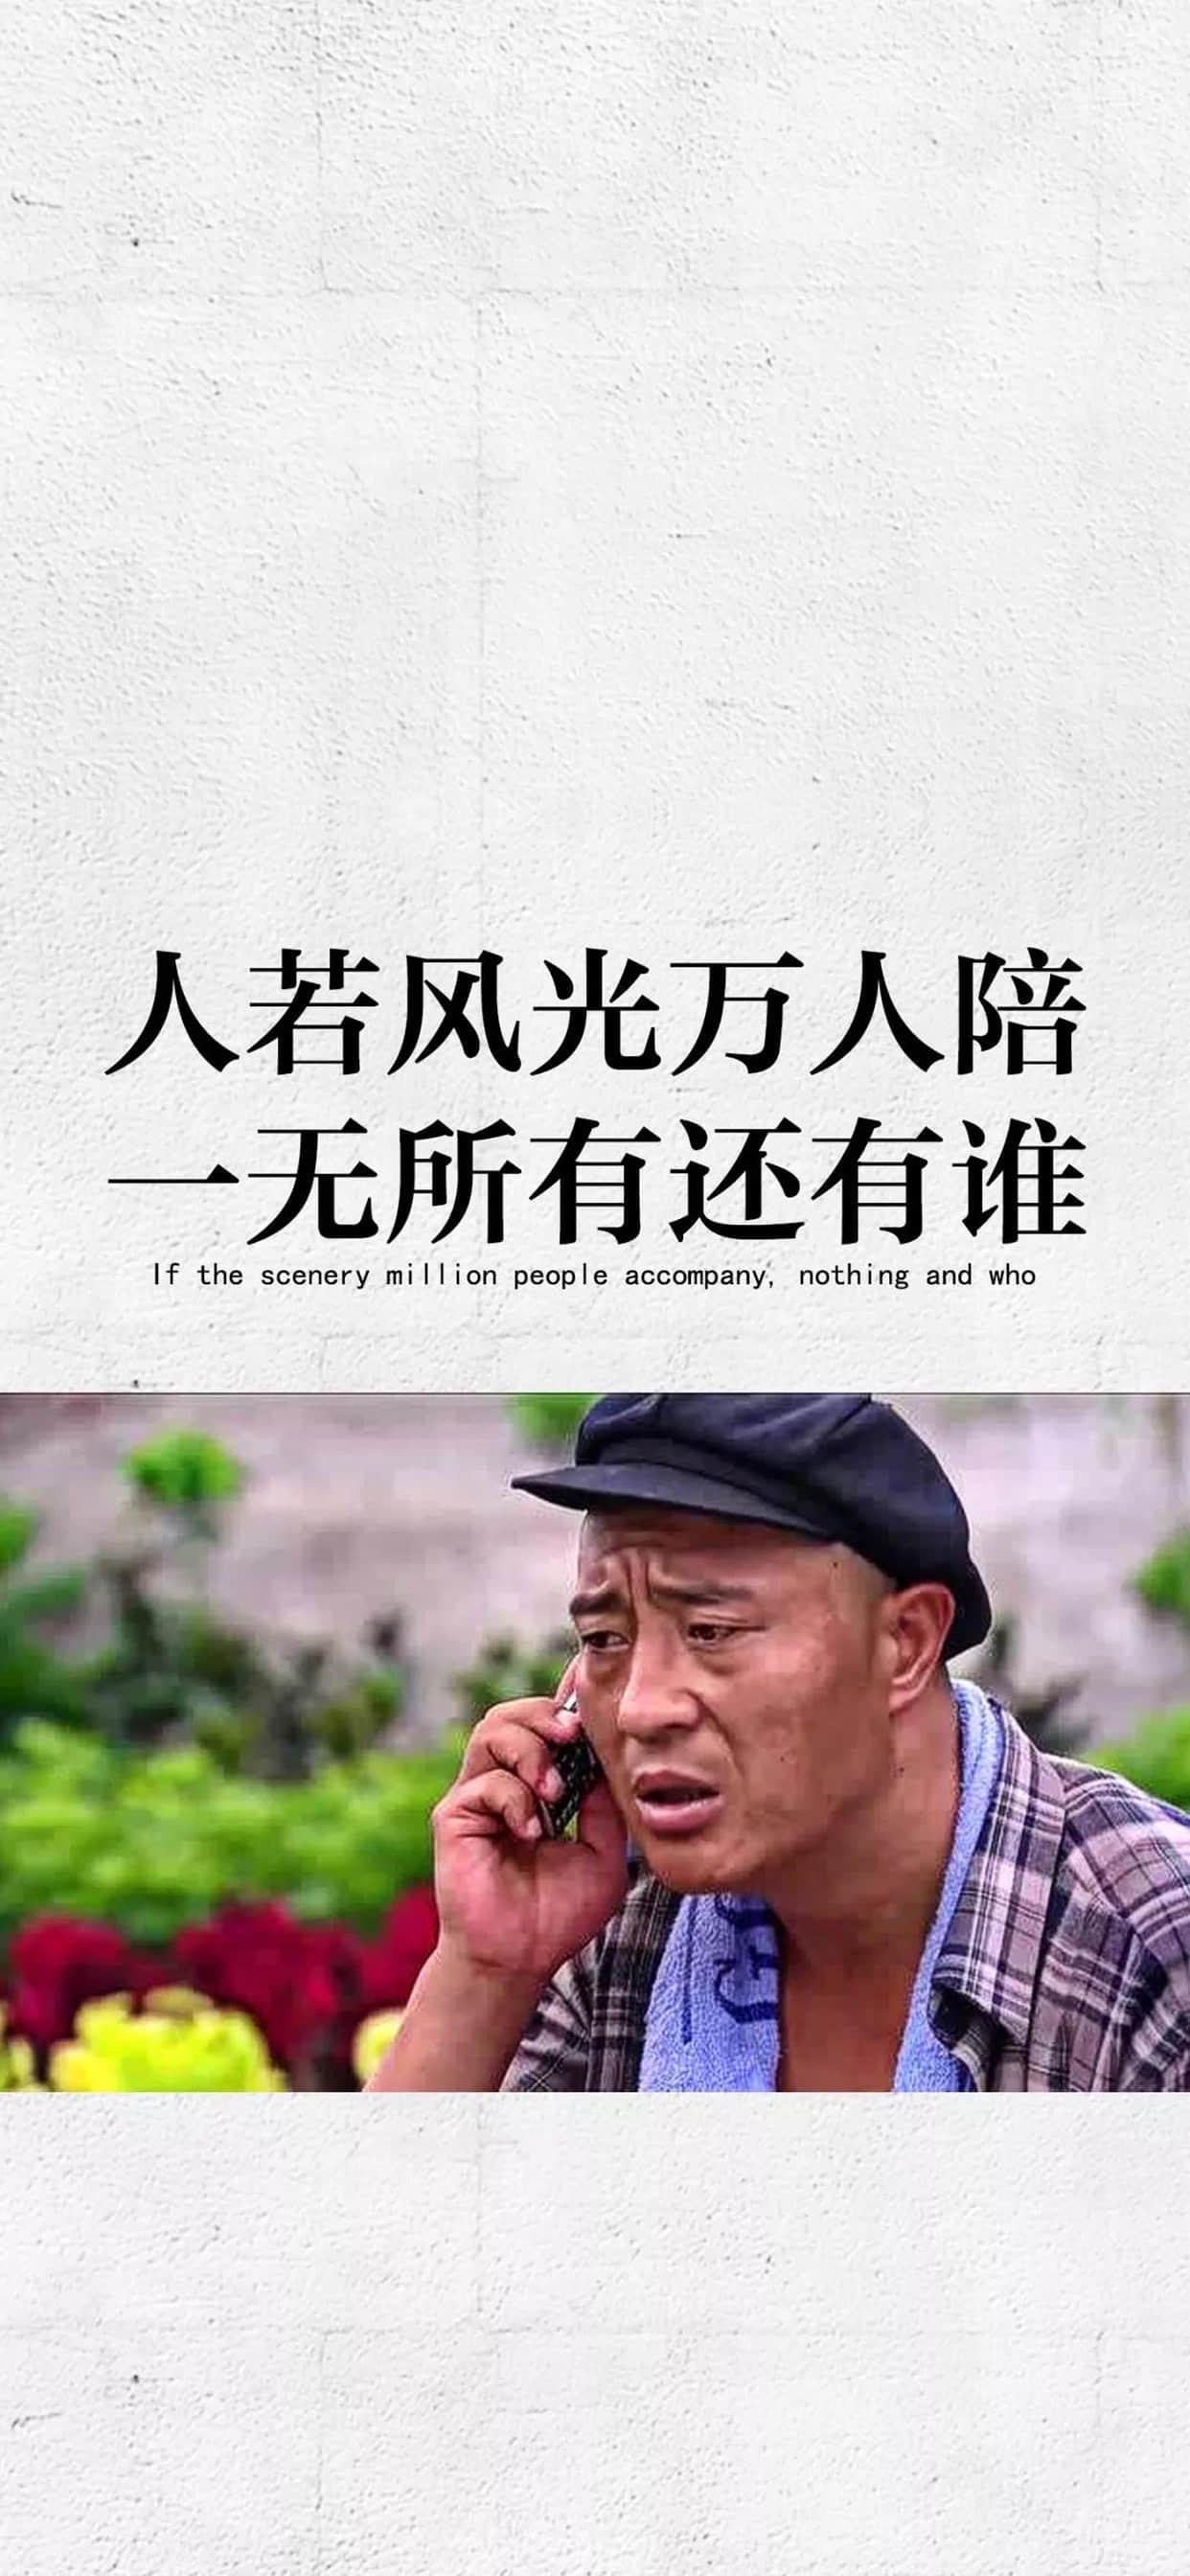 2019最扎心情感文字手机壁纸